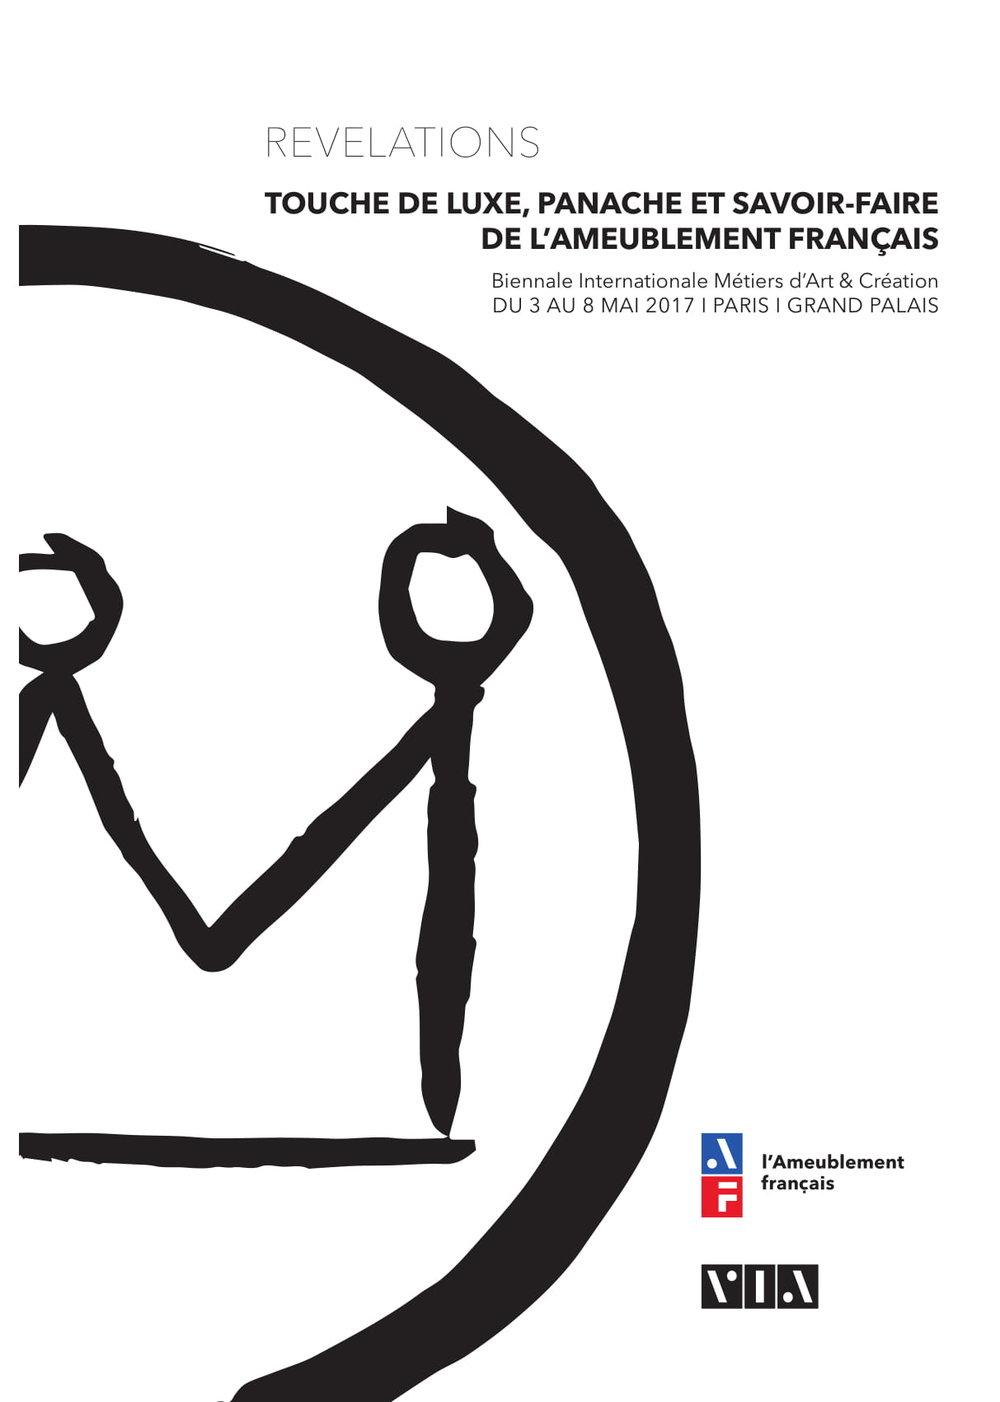 leafletAF_Révélations-01.jpg